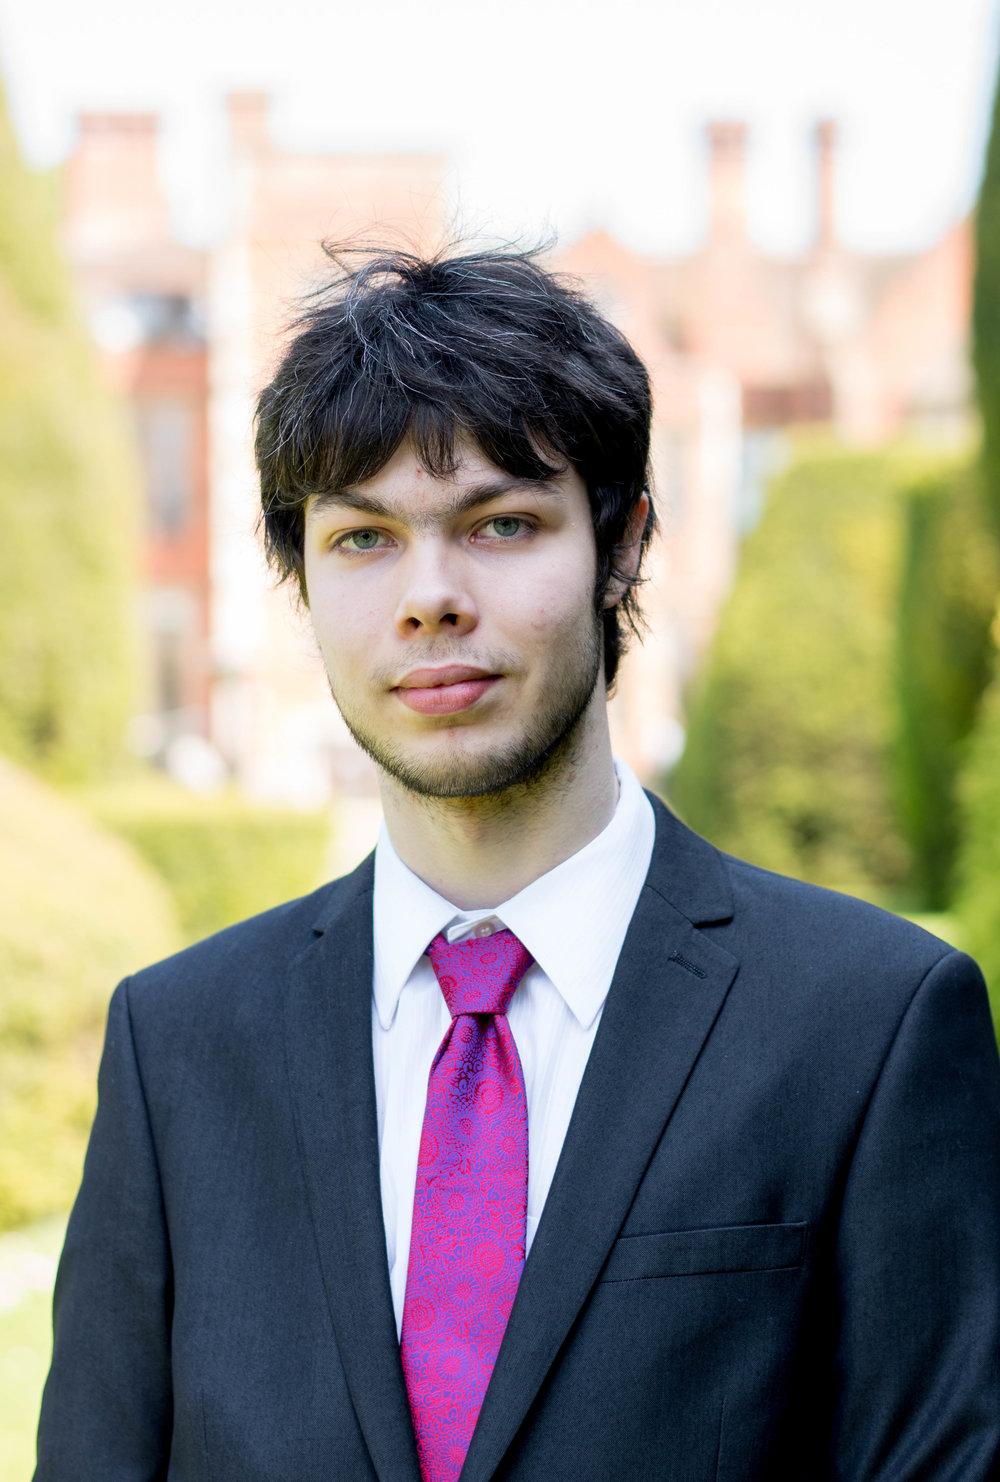 Aiden Monteith - Finance Officer